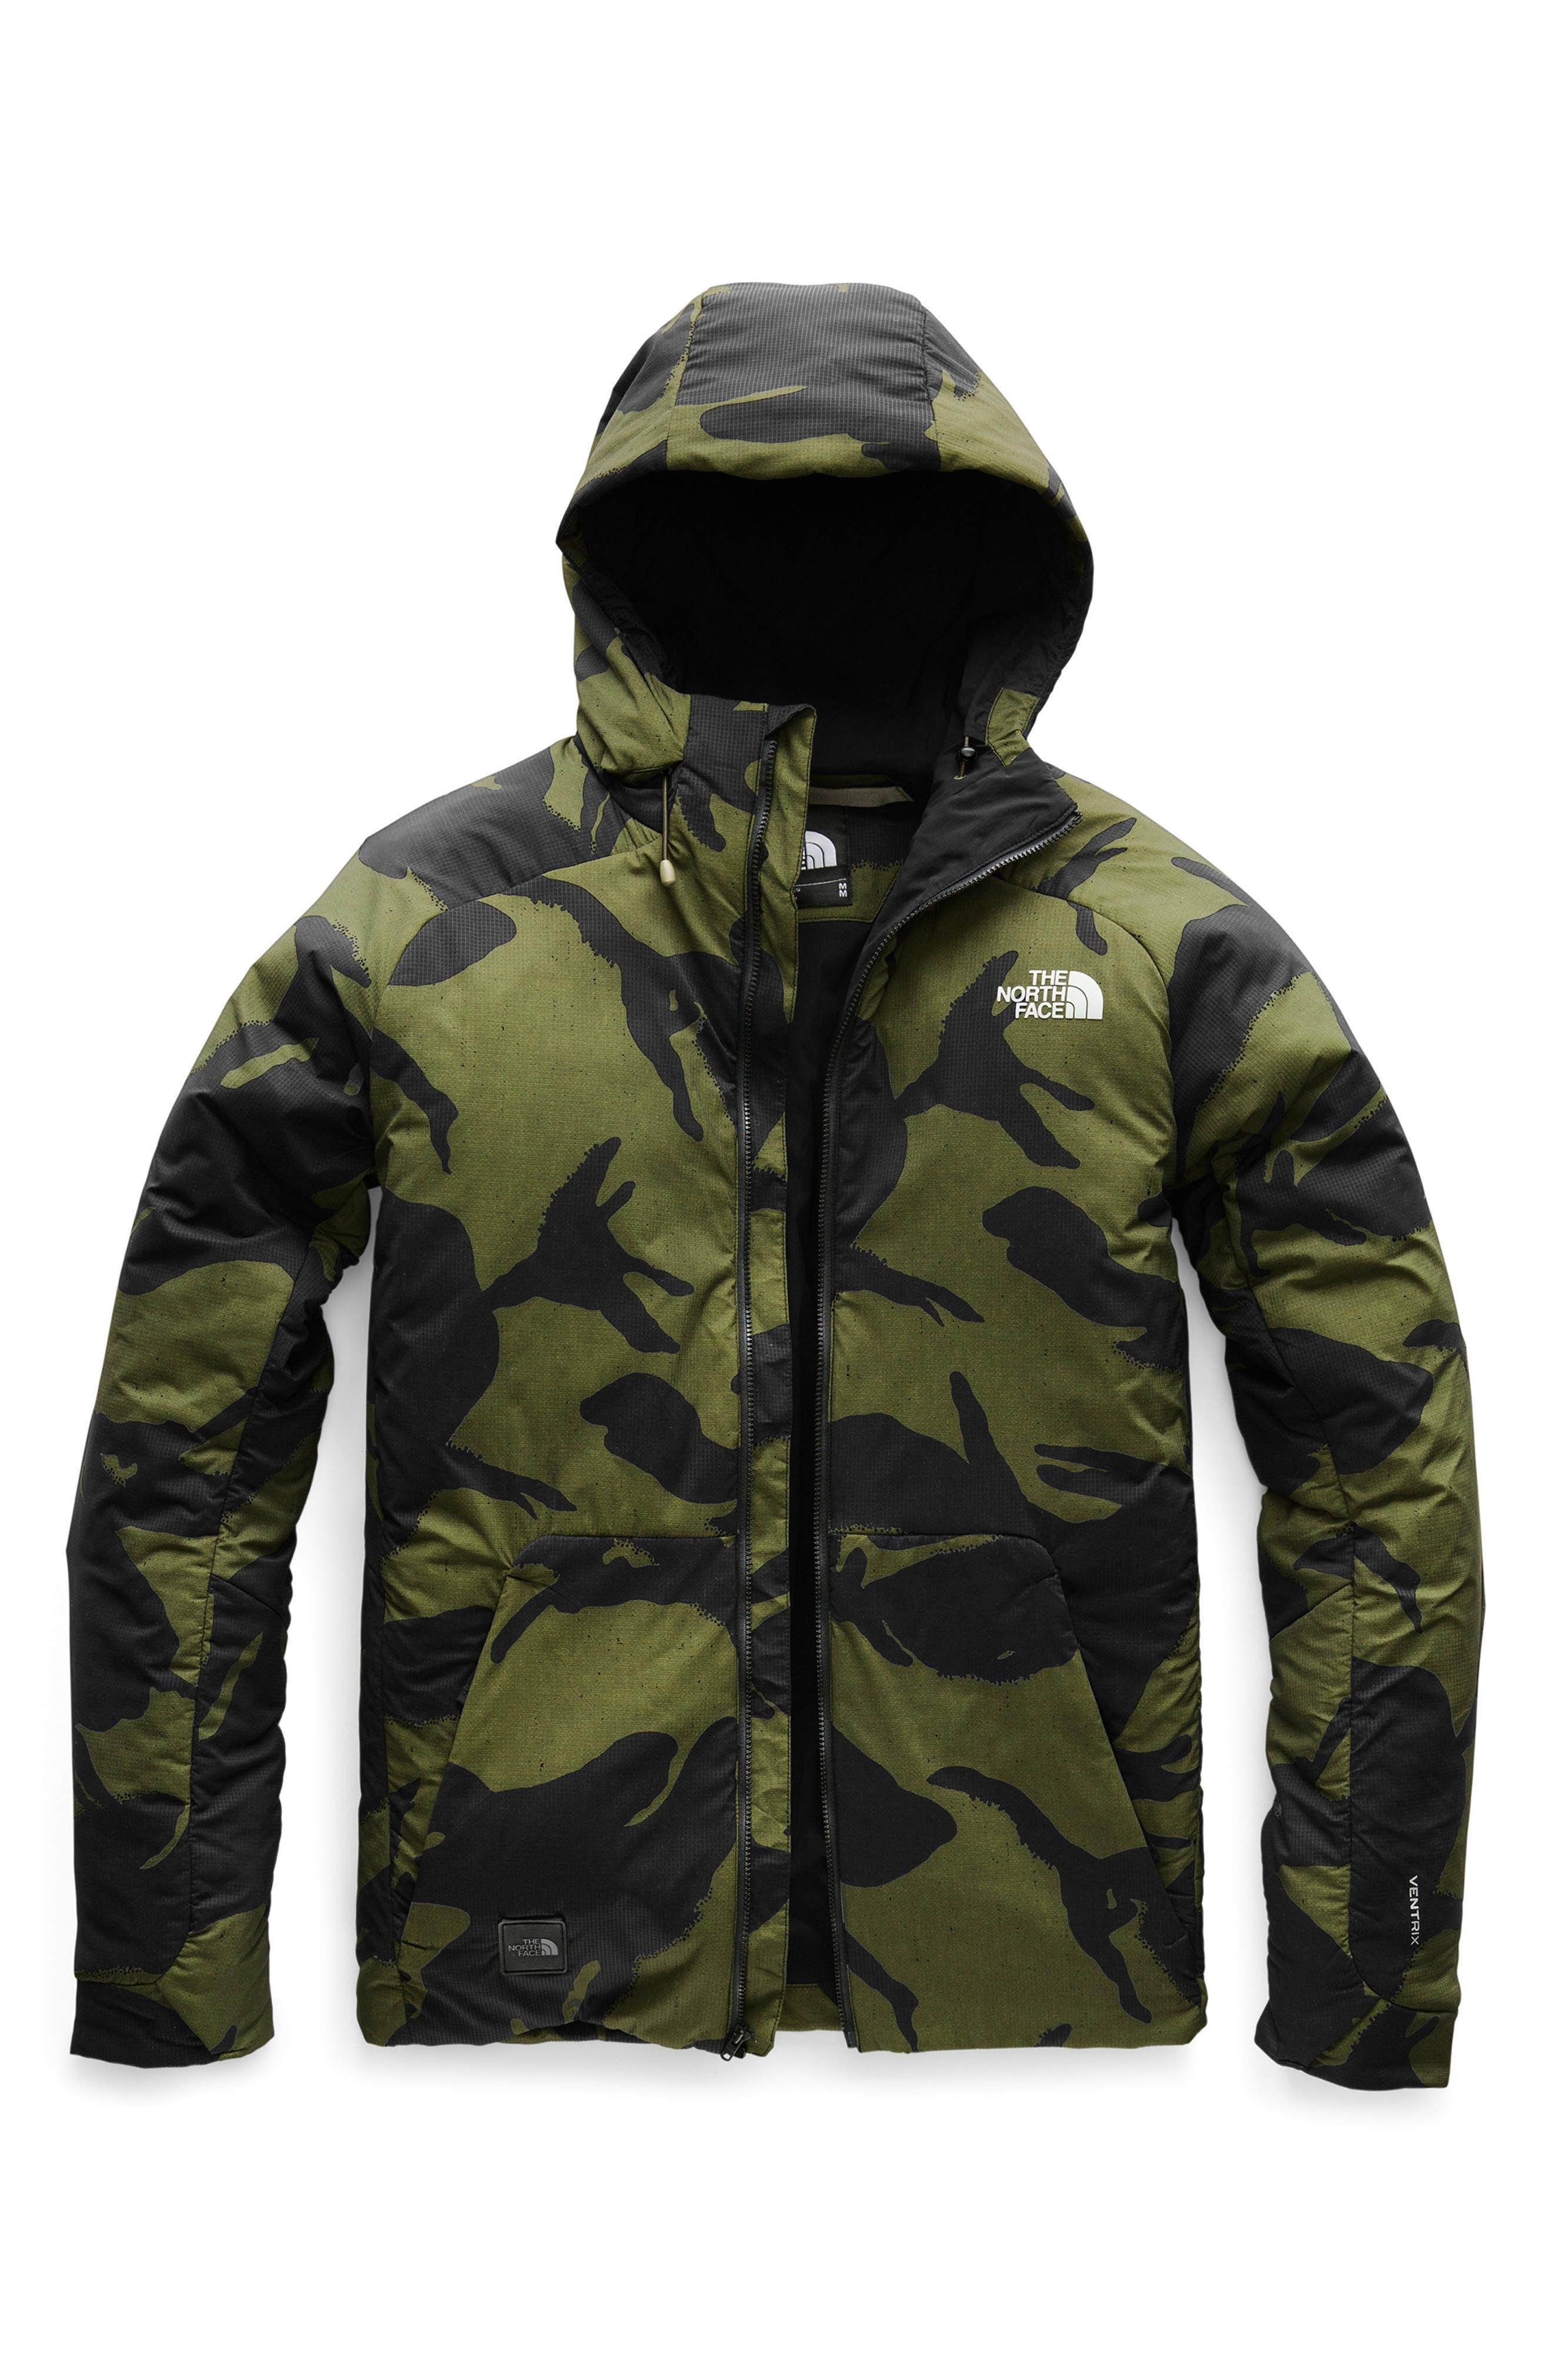 Lodgefather Ventrix<sup>™</sup> Ski Jacket,                             Alternate thumbnail 3, color,                             BURNT OLIVE GREEN DISRUPT